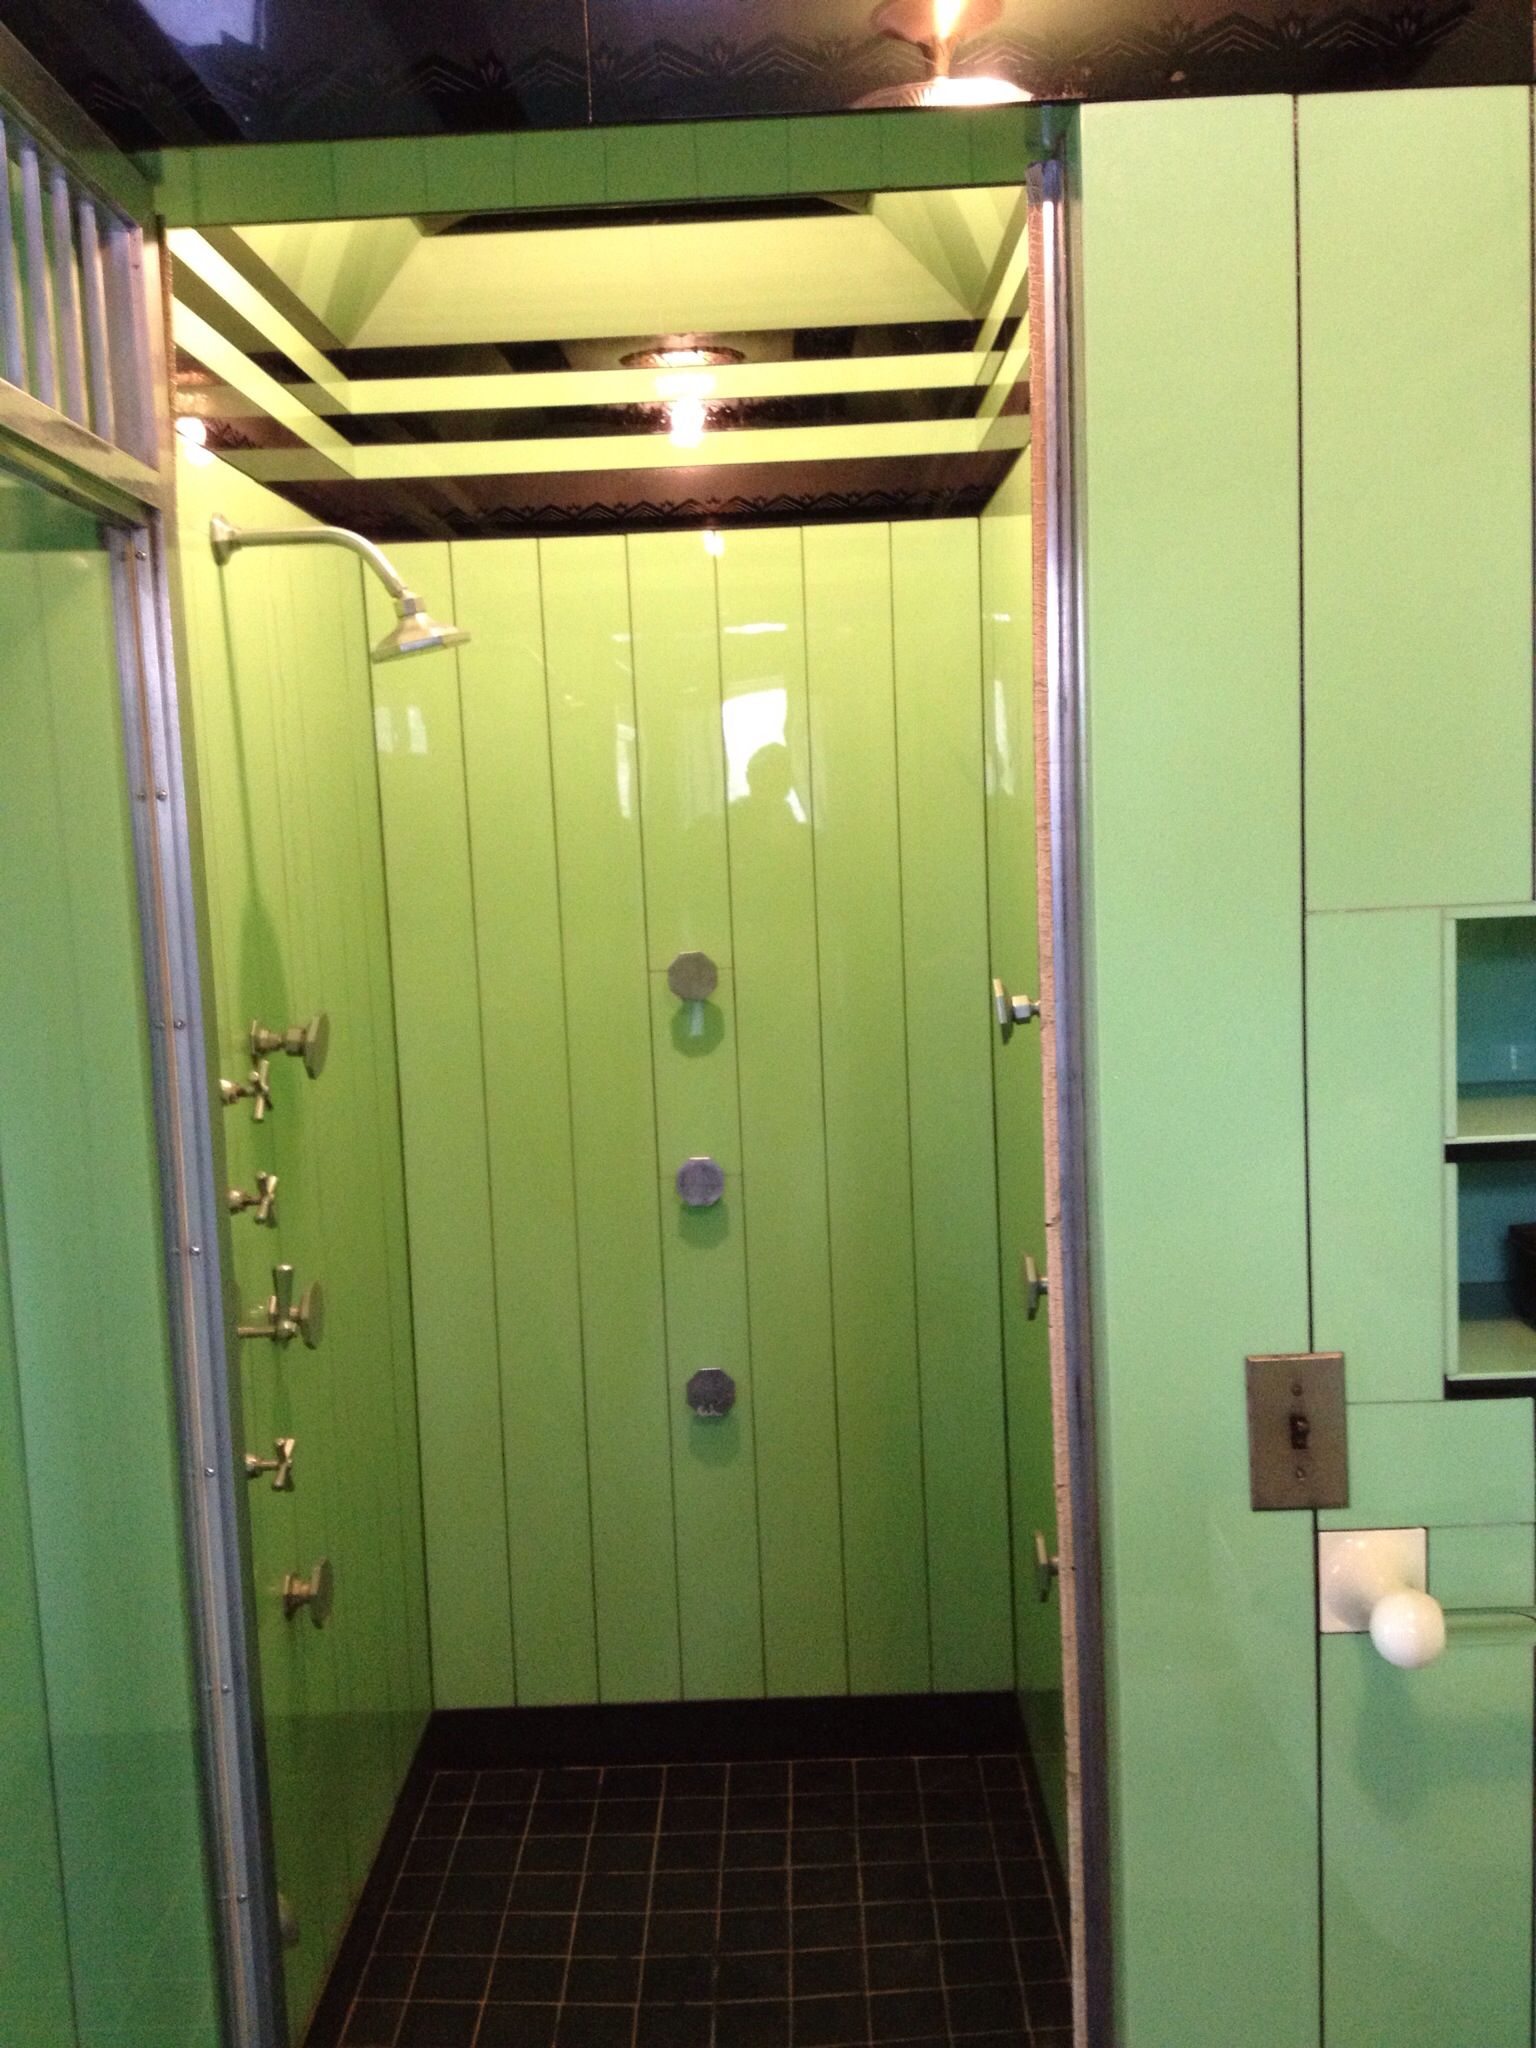 jade and black vitrolite art deco 1930 39 s shower with original kohler fixtures installed in 1931. Black Bedroom Furniture Sets. Home Design Ideas